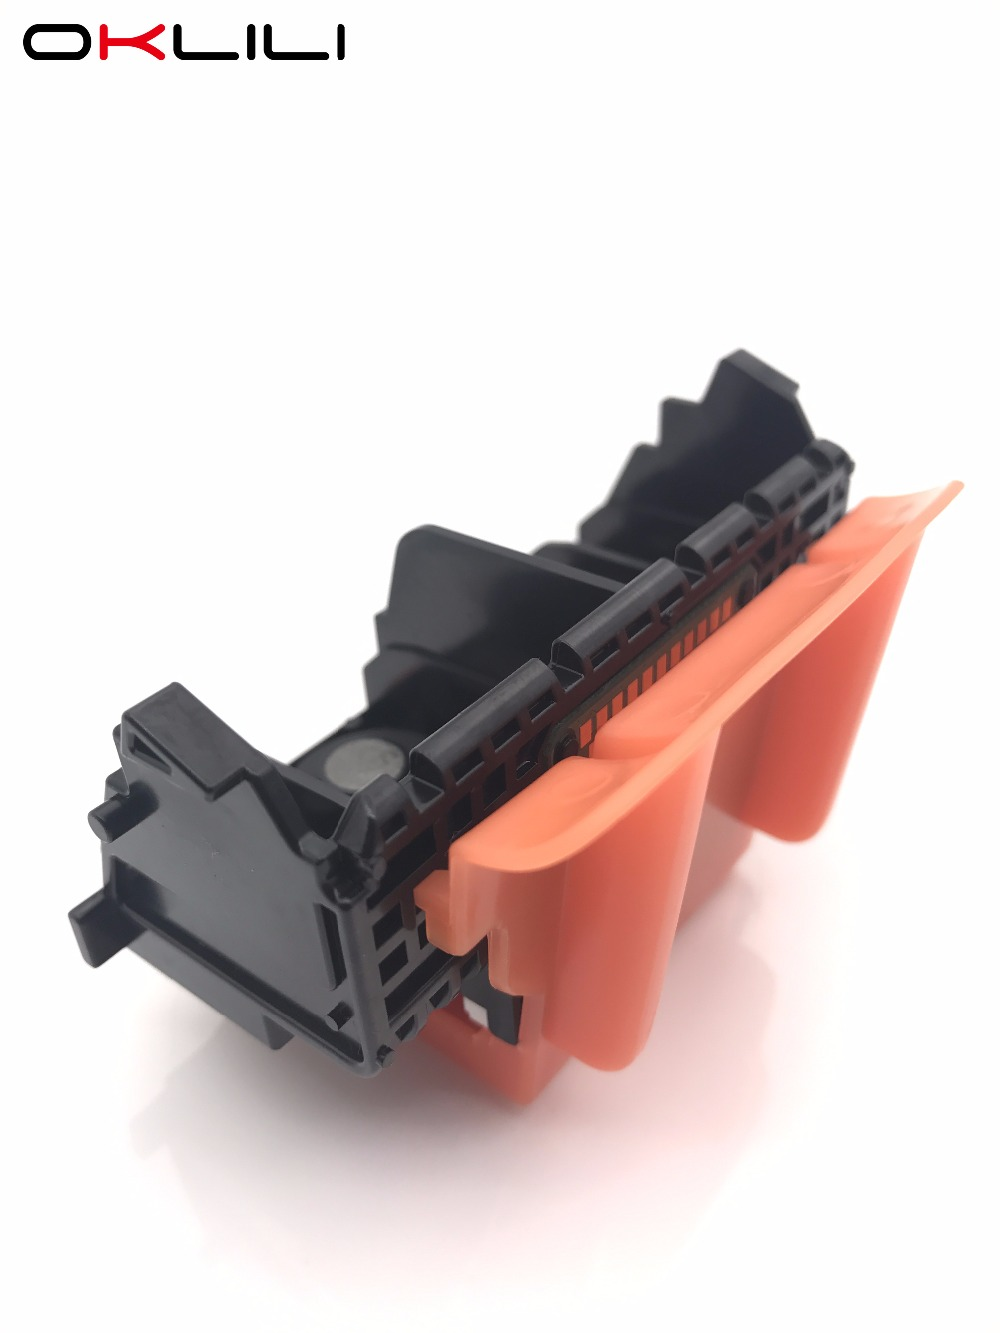 QY6-0082 Tête D'impression Tête d'impression pour Canon MG5520 MG5540 MG5550 MG5650 MG5740 MG5750 MG6440 MG6600 MG6420 MG6450 MG6640 MG6650 - 2